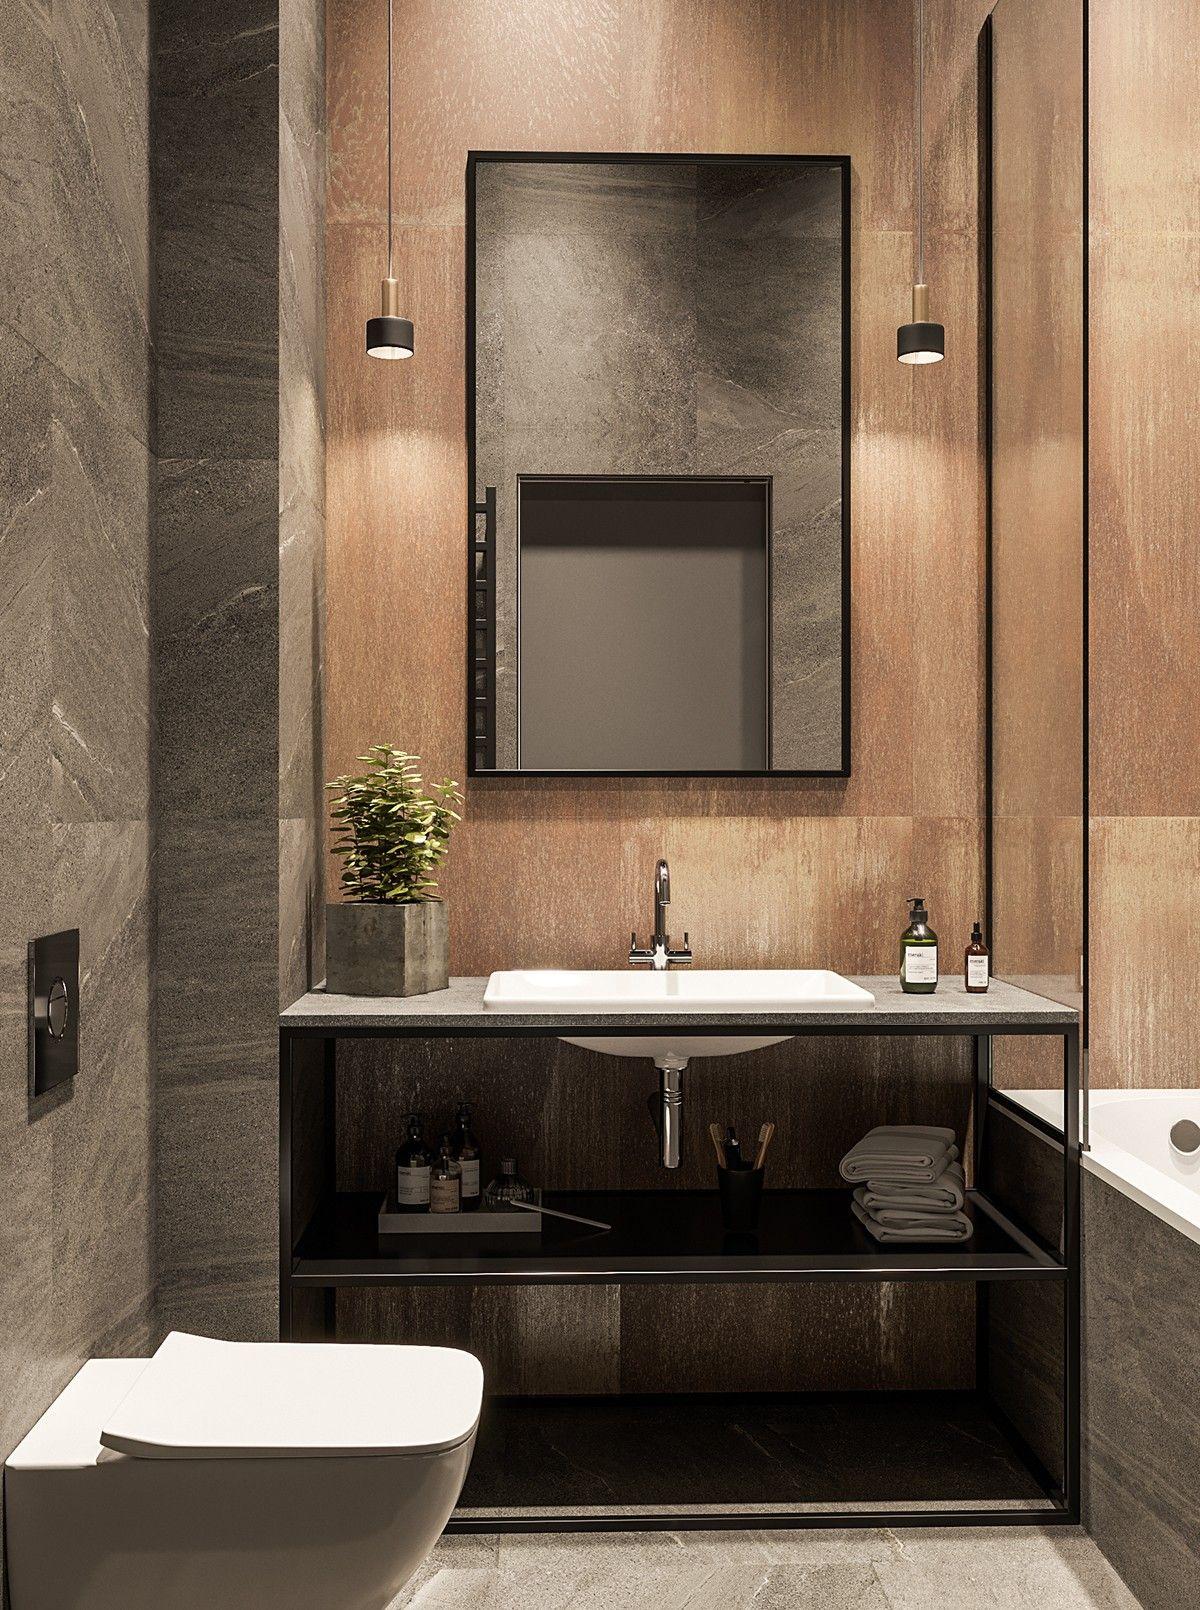 Banos Estilo Industrial Banheiros Pequenos Modernos Banheiro